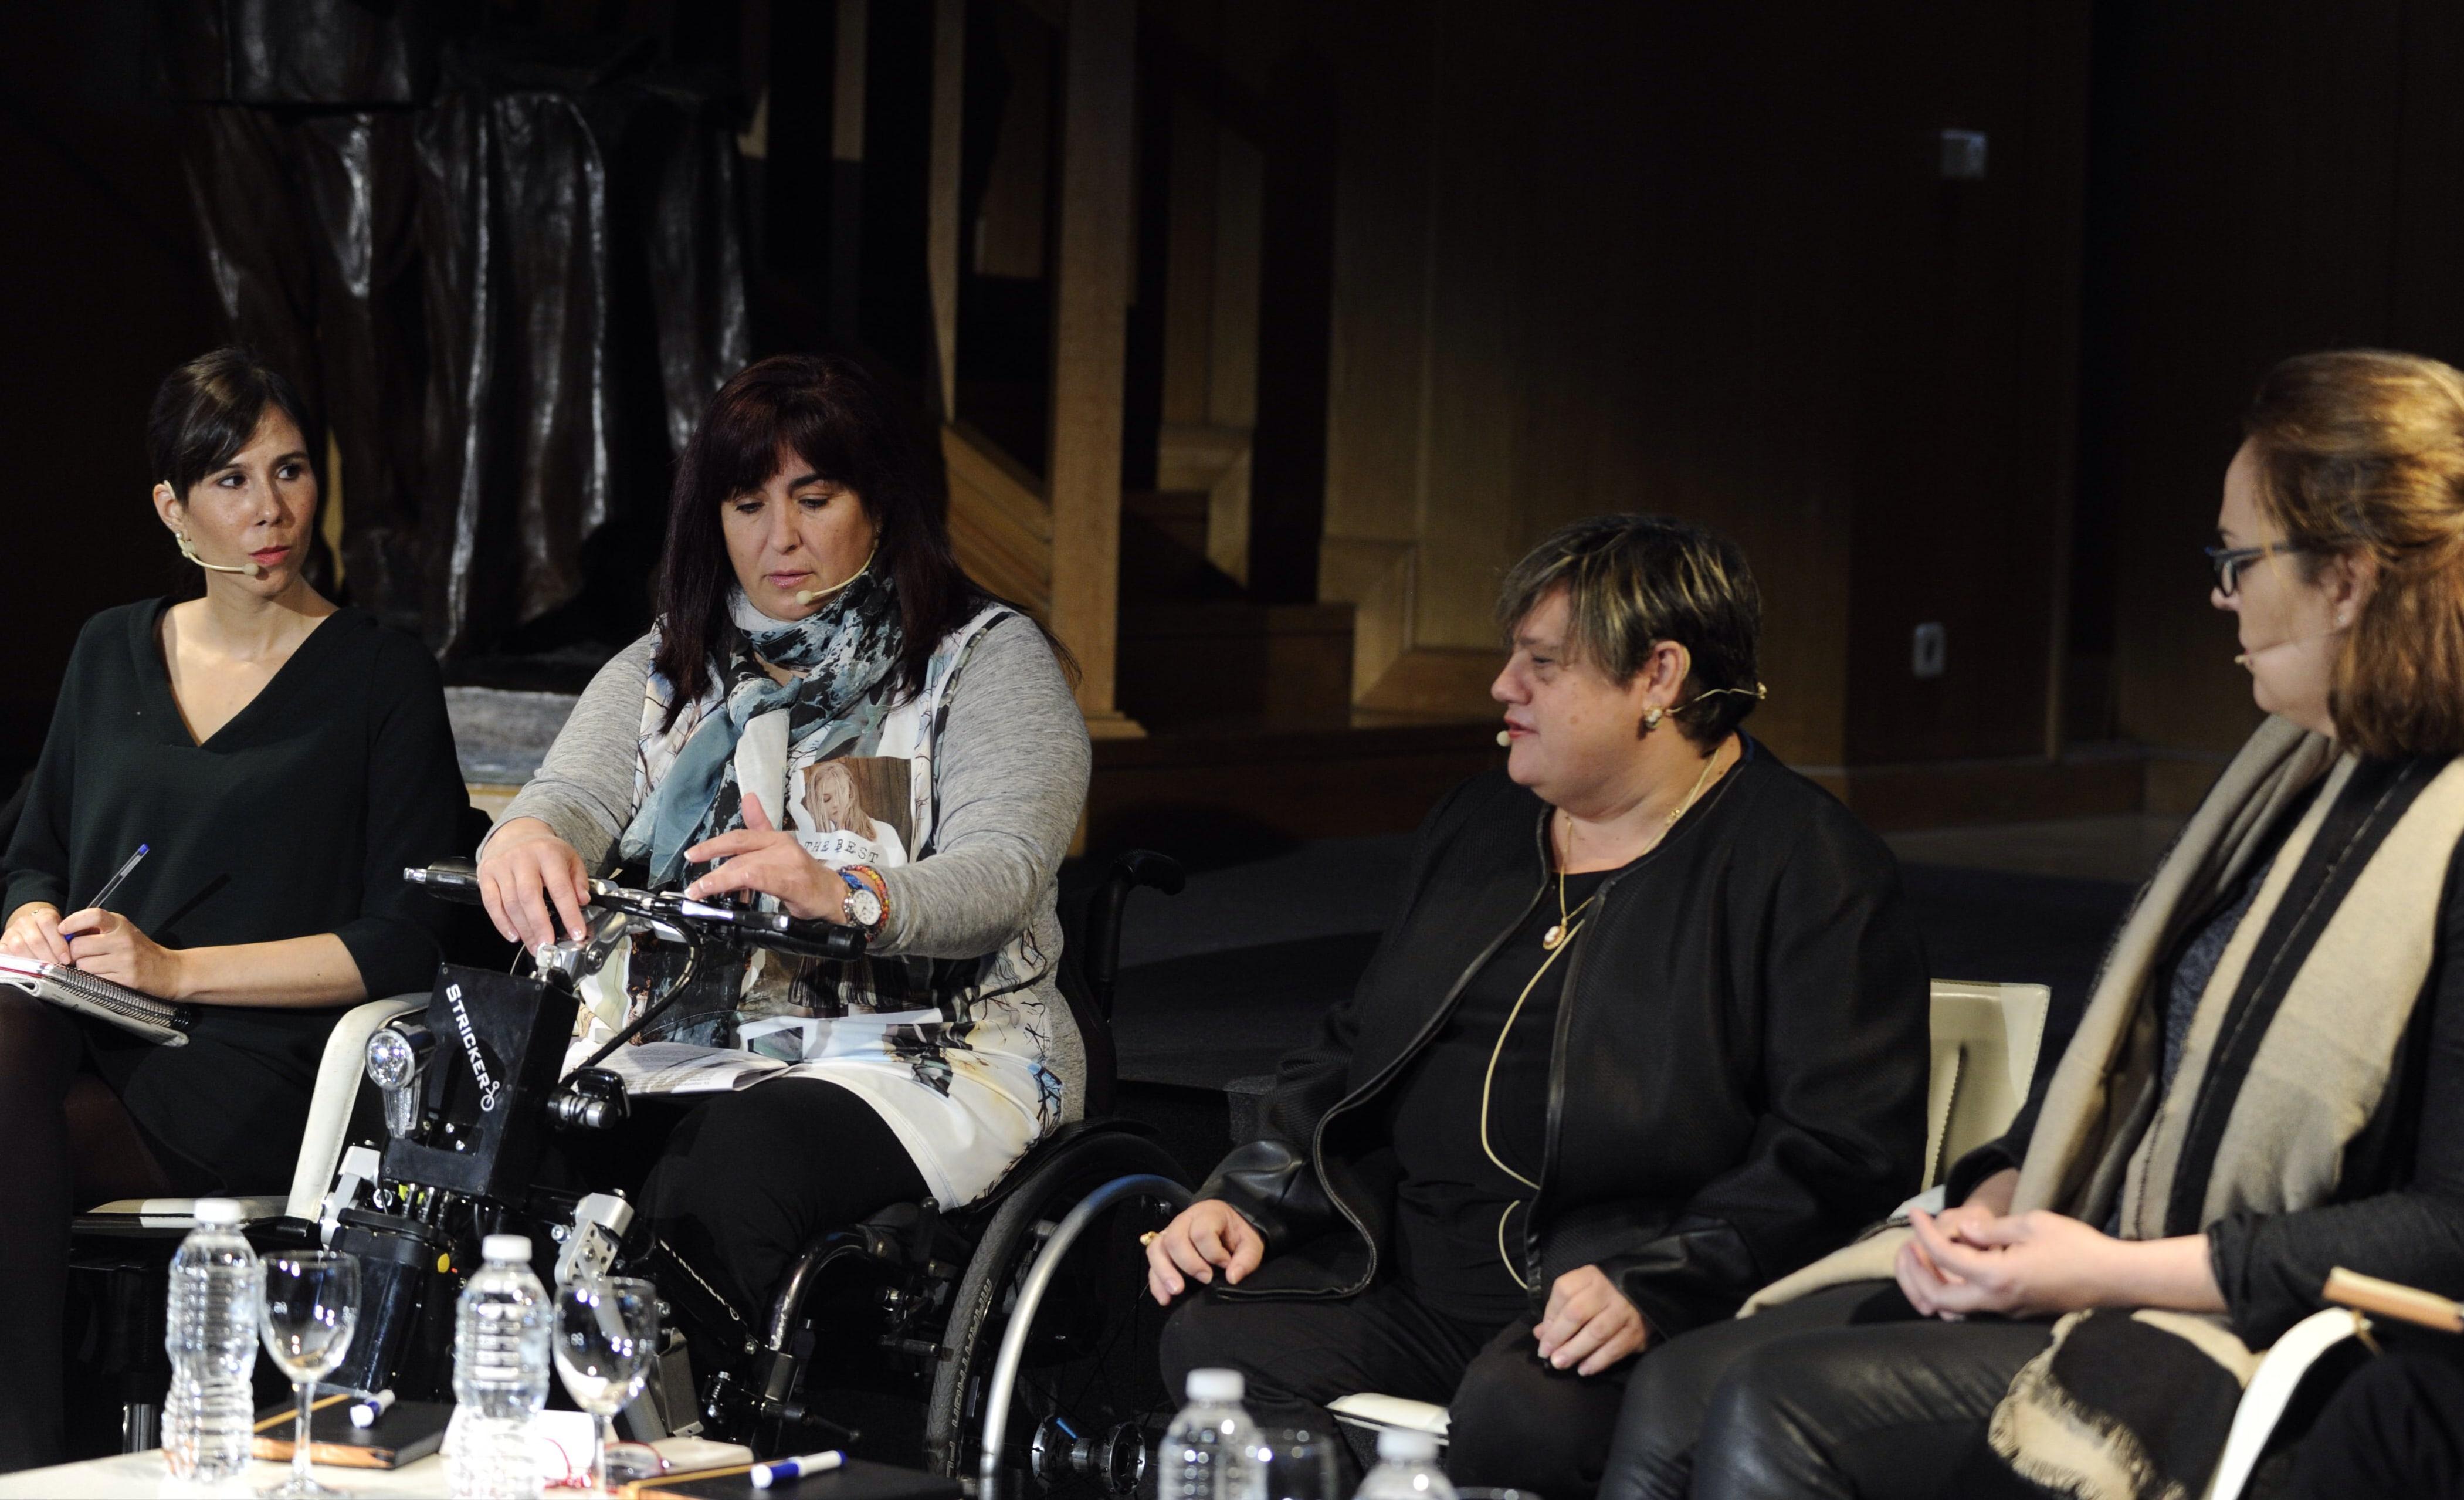 conocer gente discapacitada